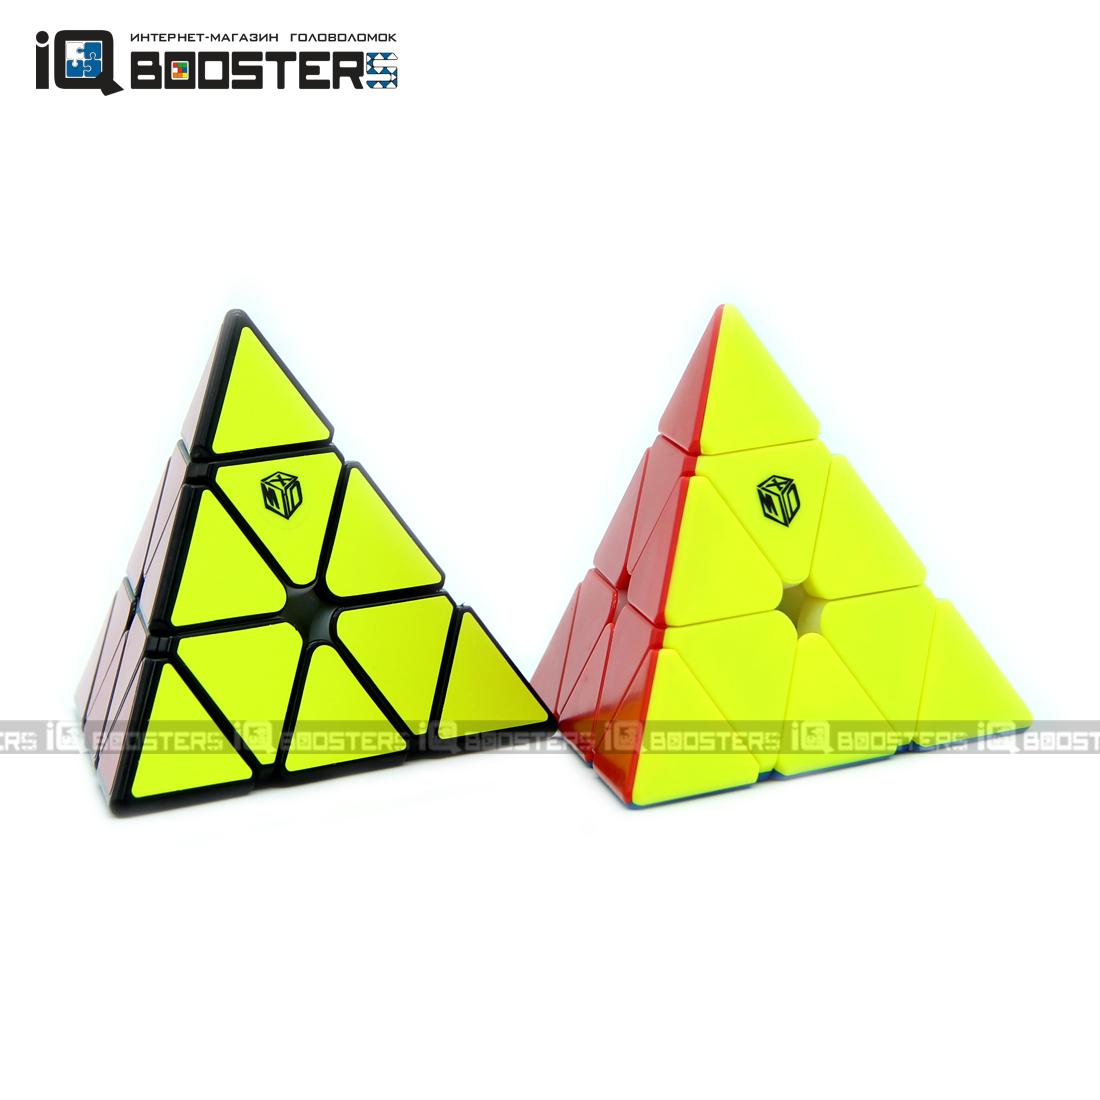 x-man_pyraminx_bell_v2_m_10